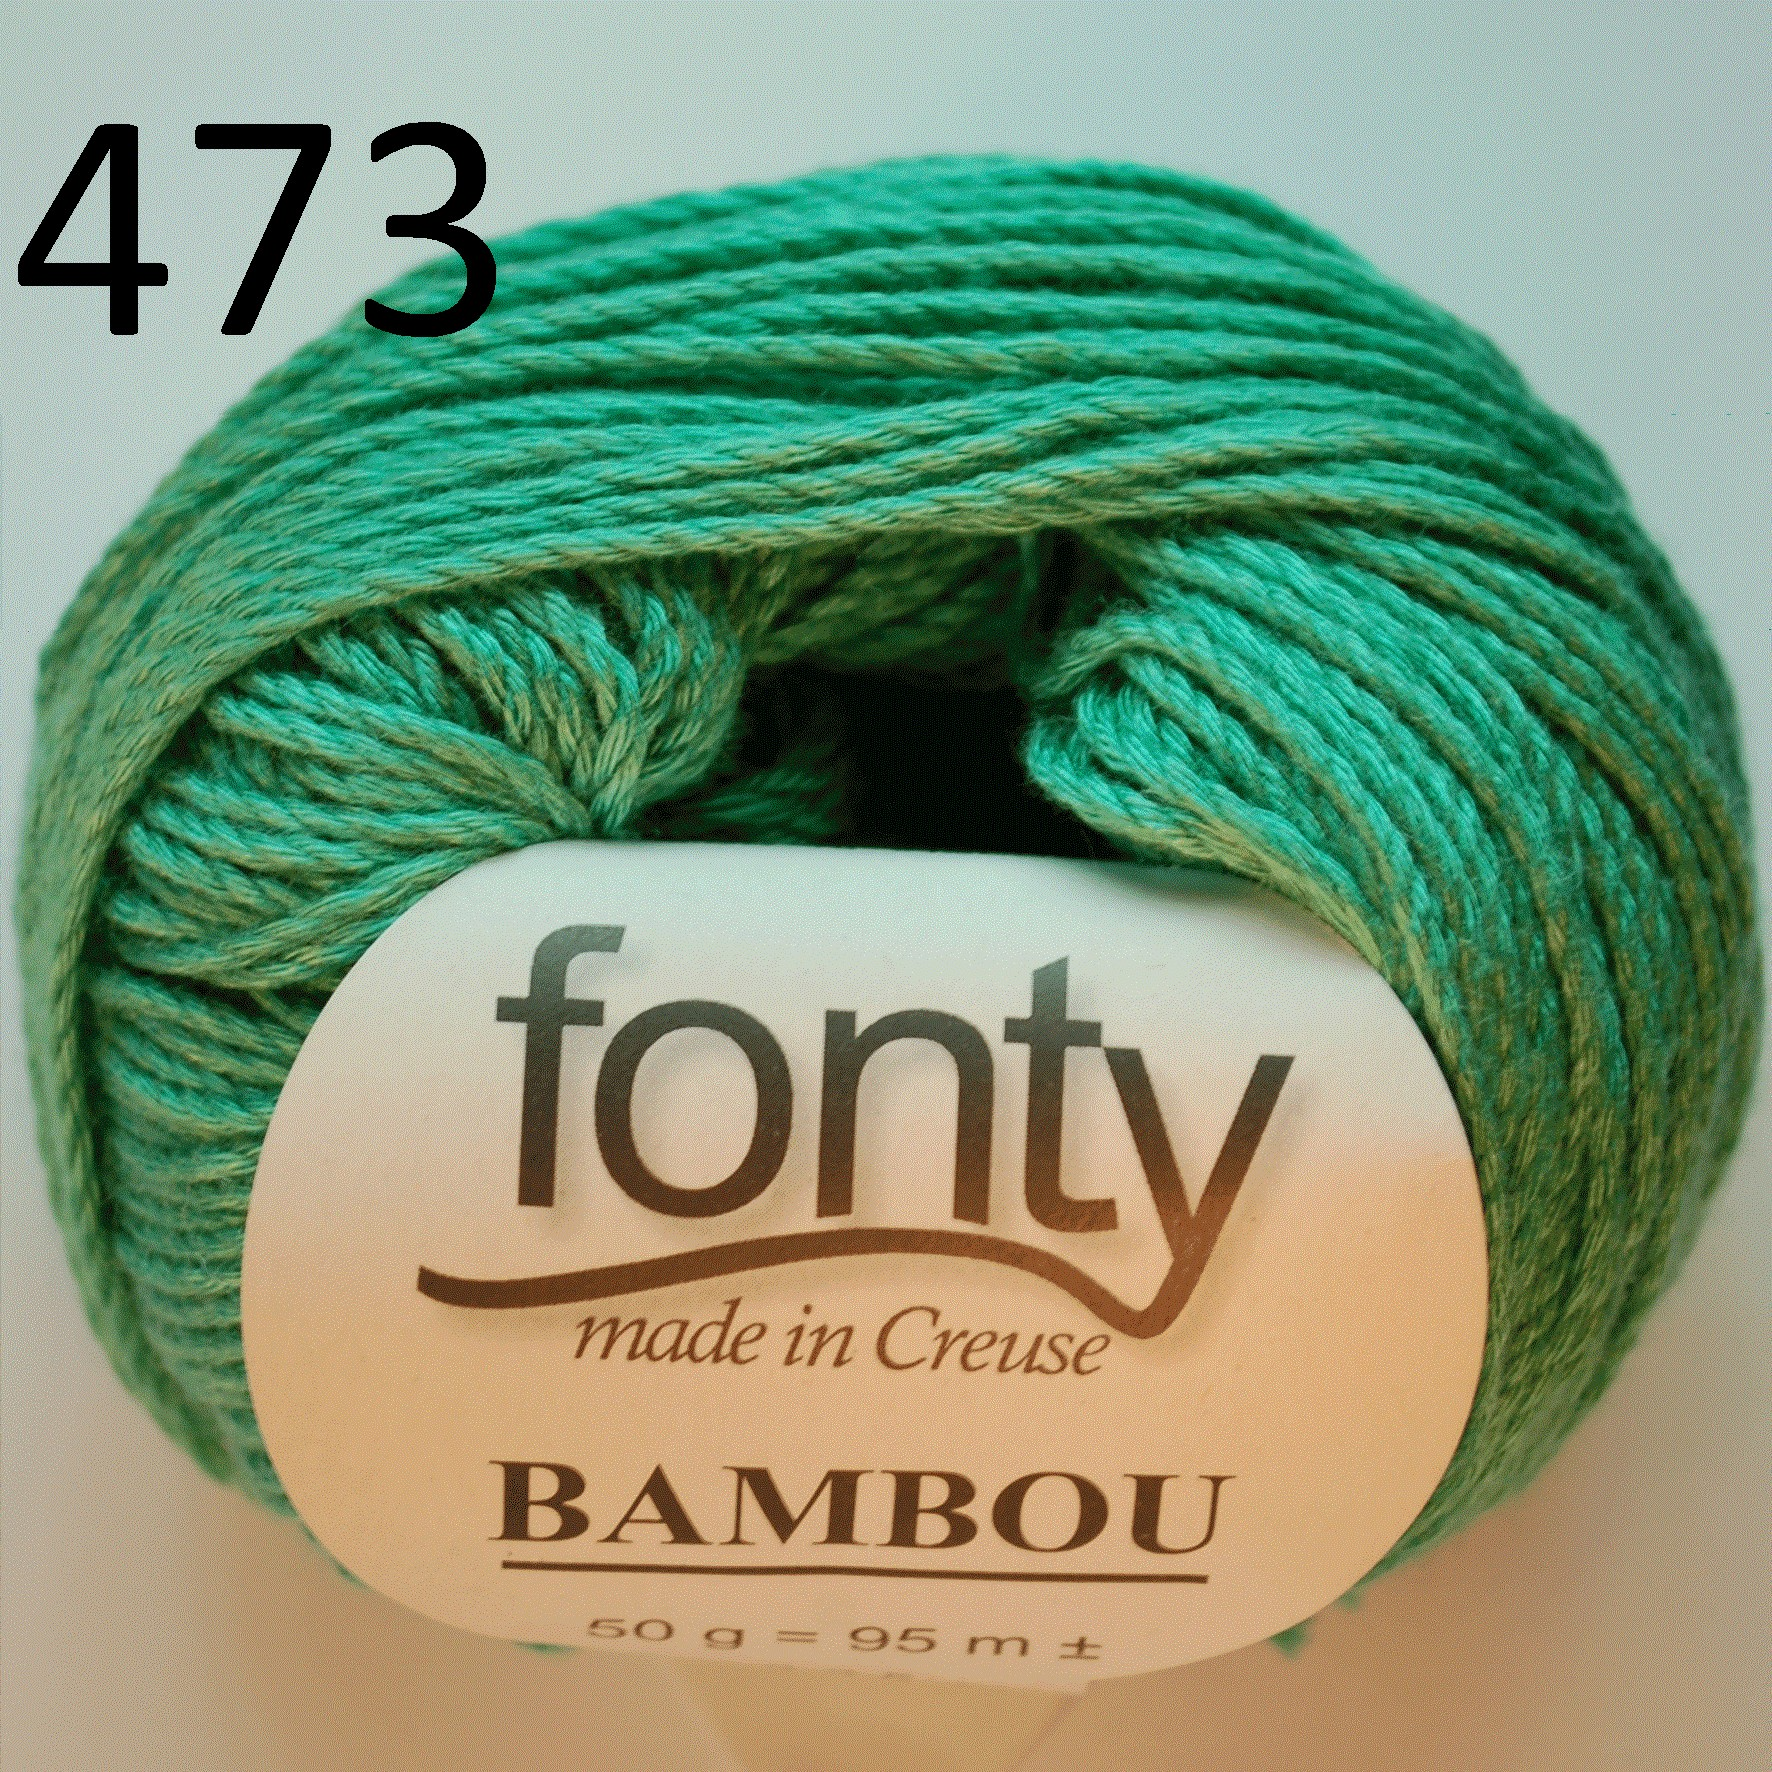 Bambou 473